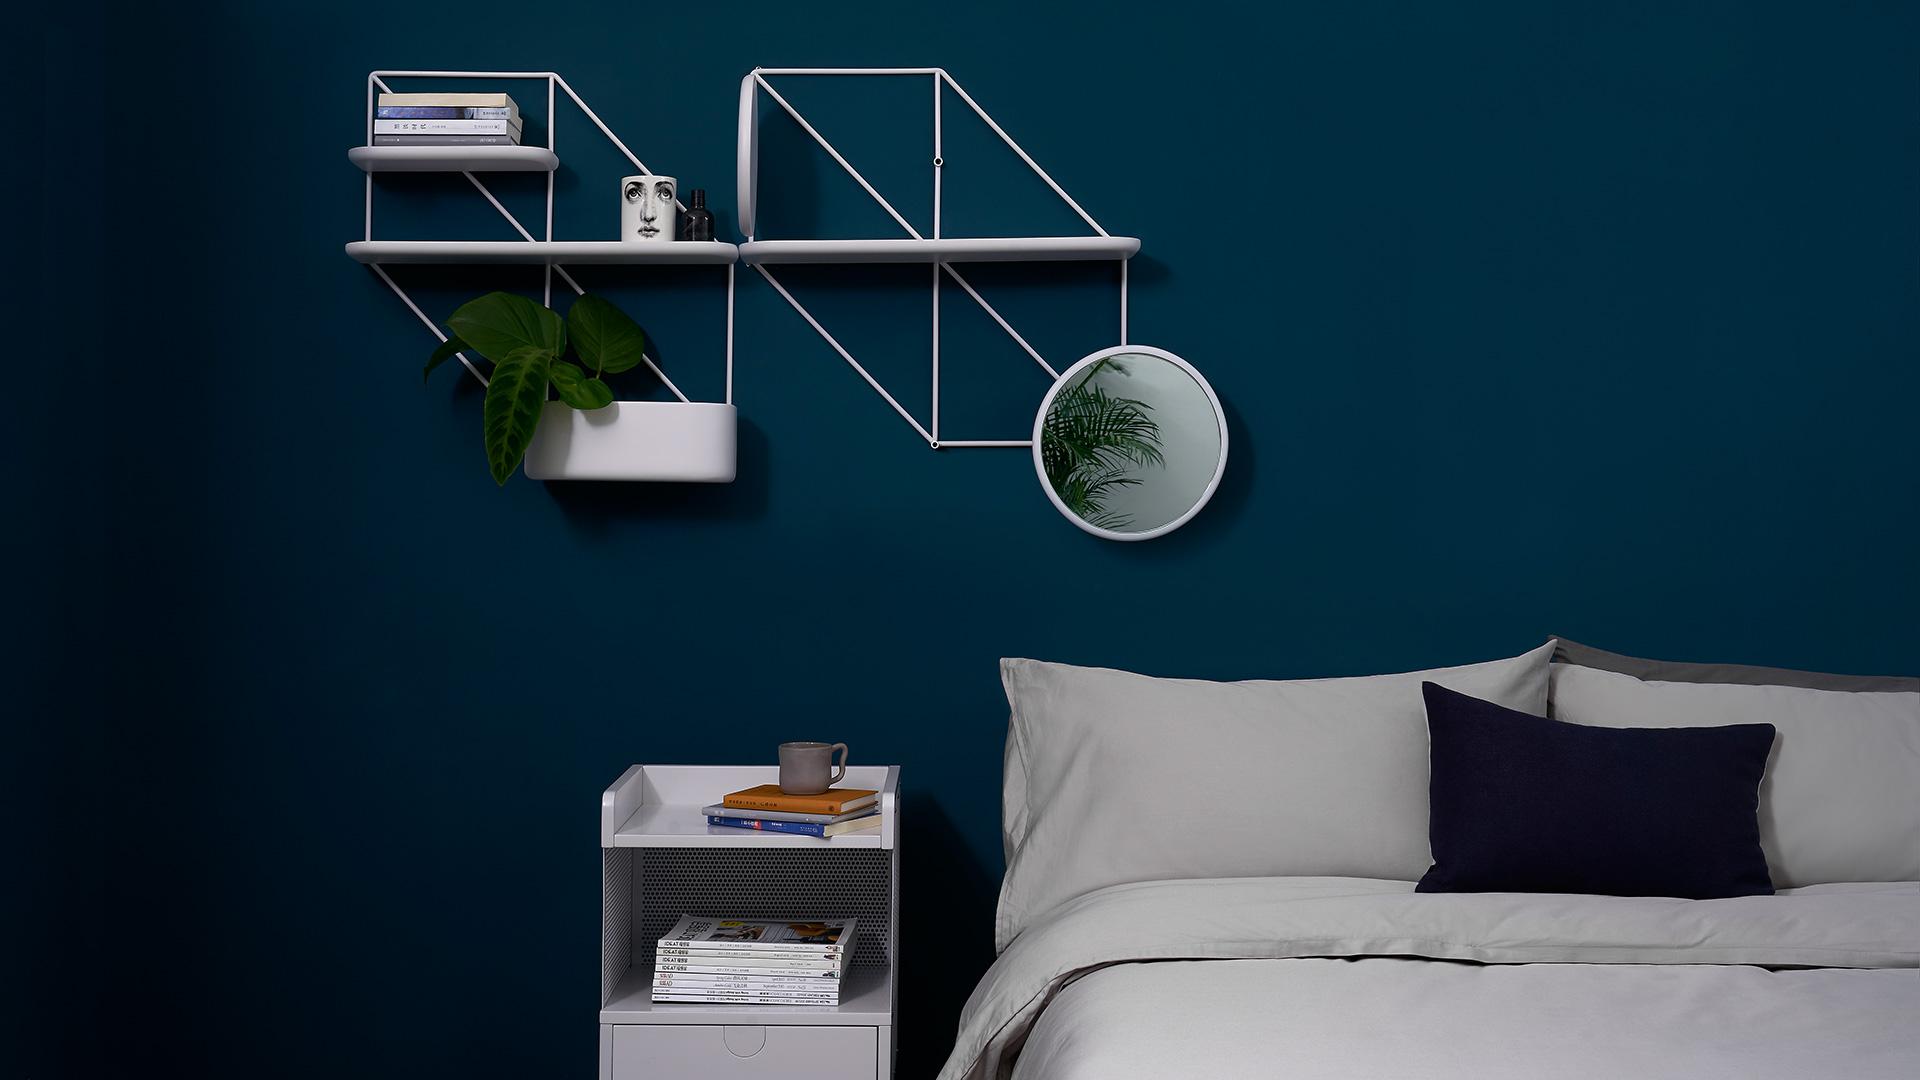 线条连缀,恒星在此诞生,装饰卧室的平行双架,一盆小绿和几本常读枕边书,给深色墙面的结构新意。